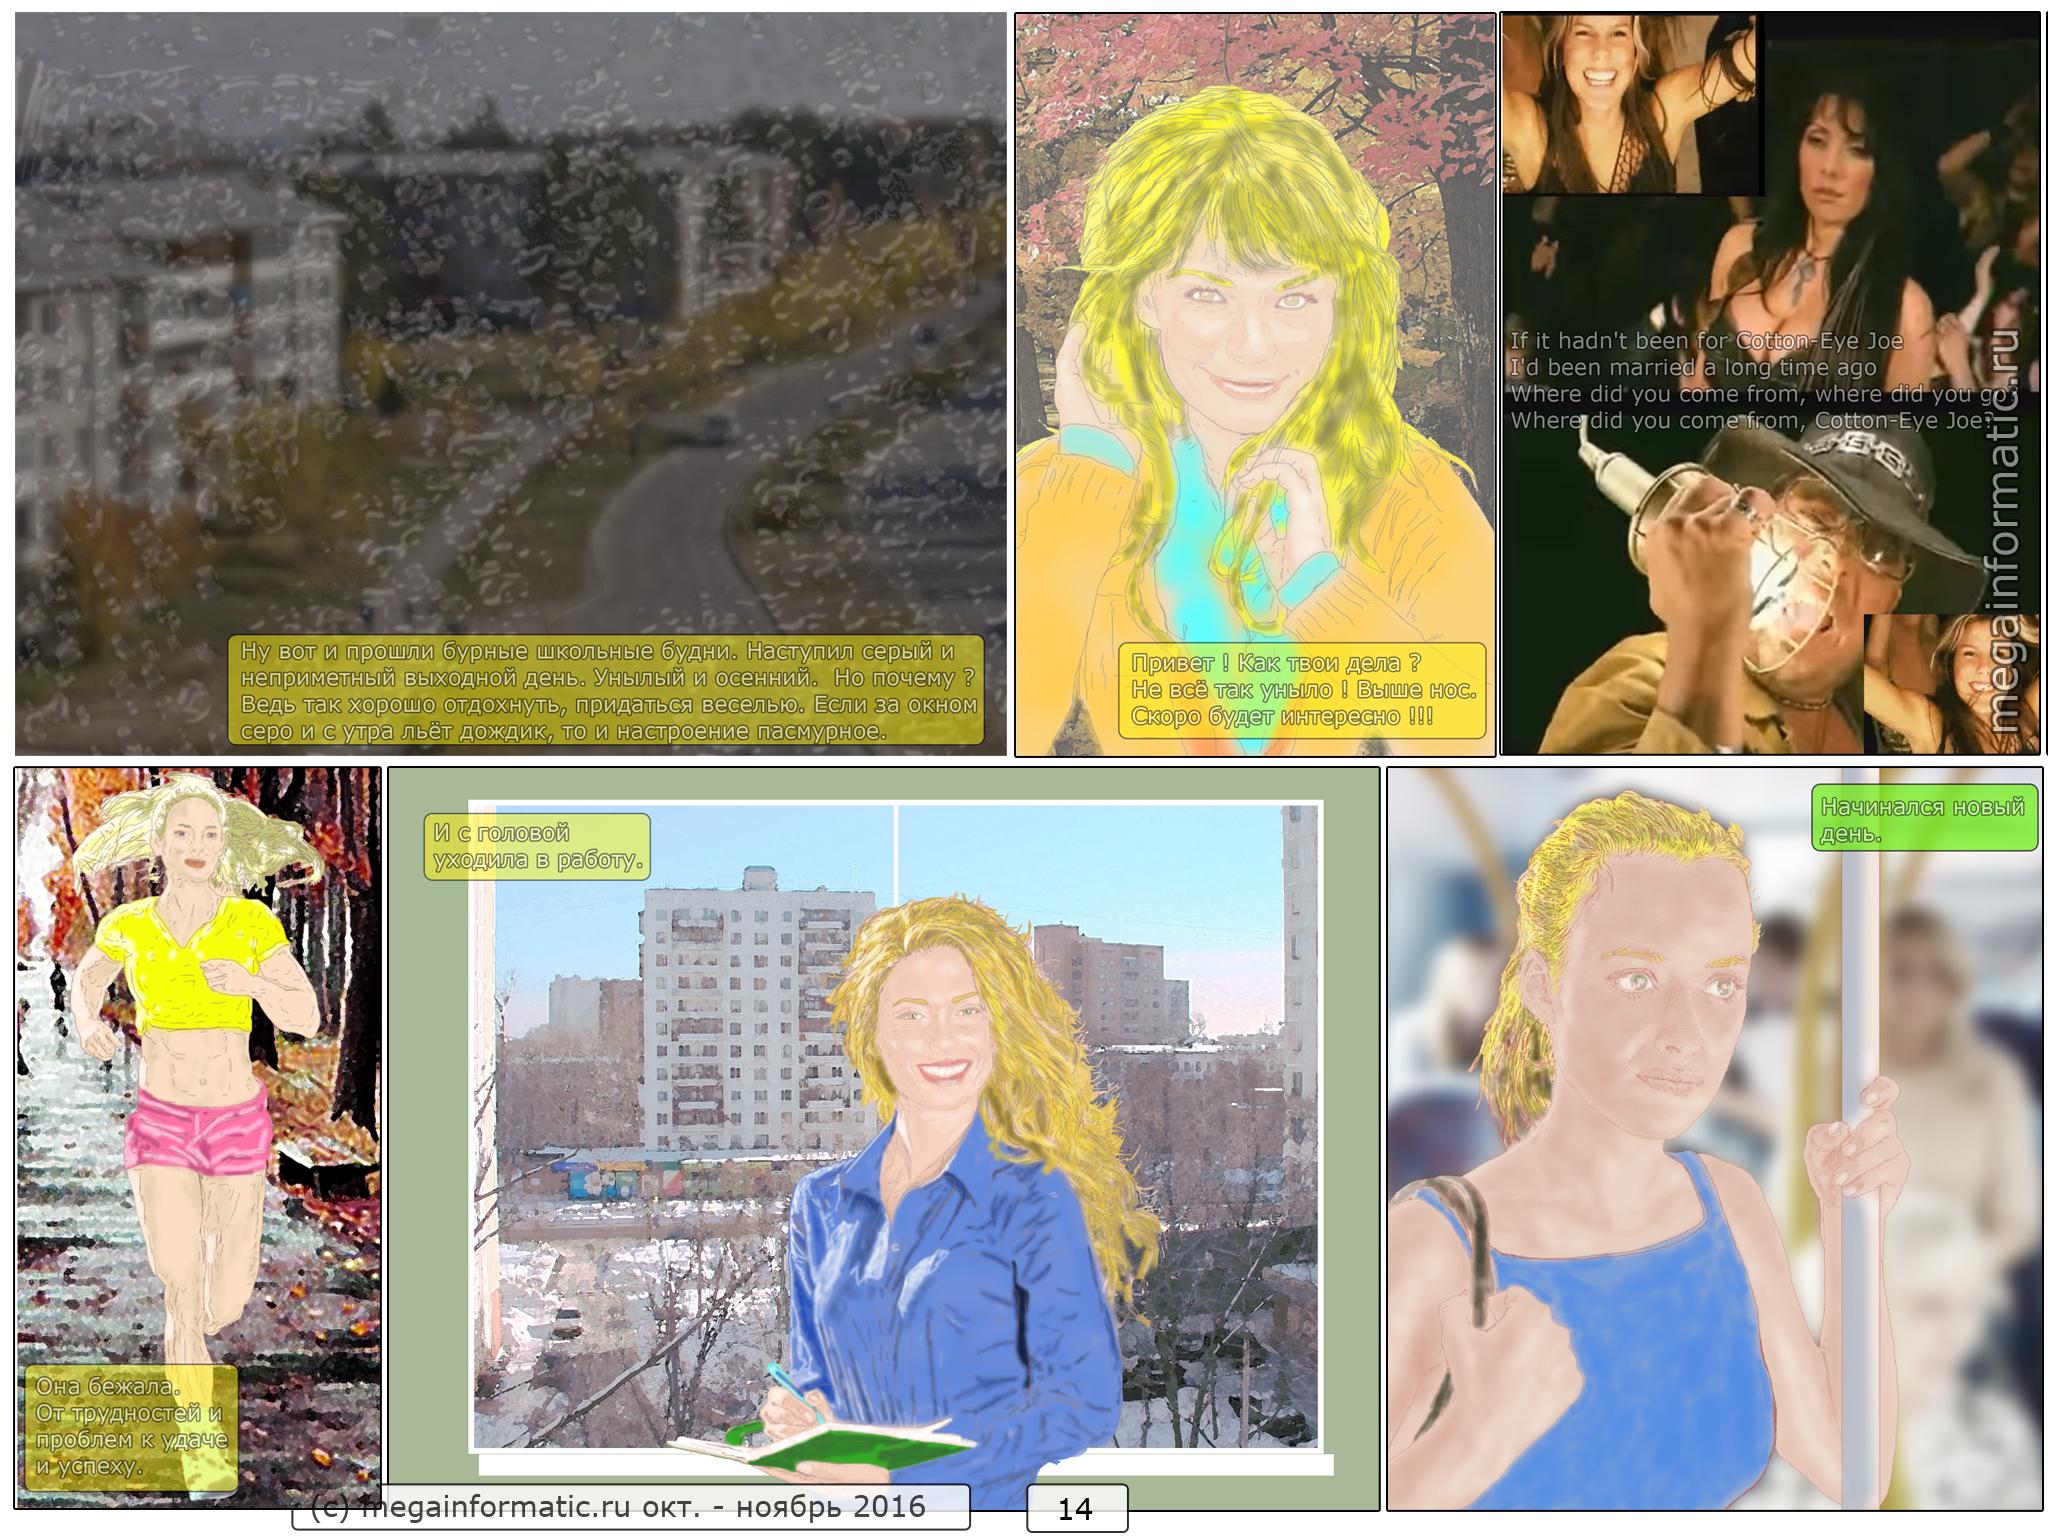 Костя Коробкин - В гостях у тёти Светы часть 2 Живые машины (- интерактивный комикс (kk as) - онлайн комикс - страница 14